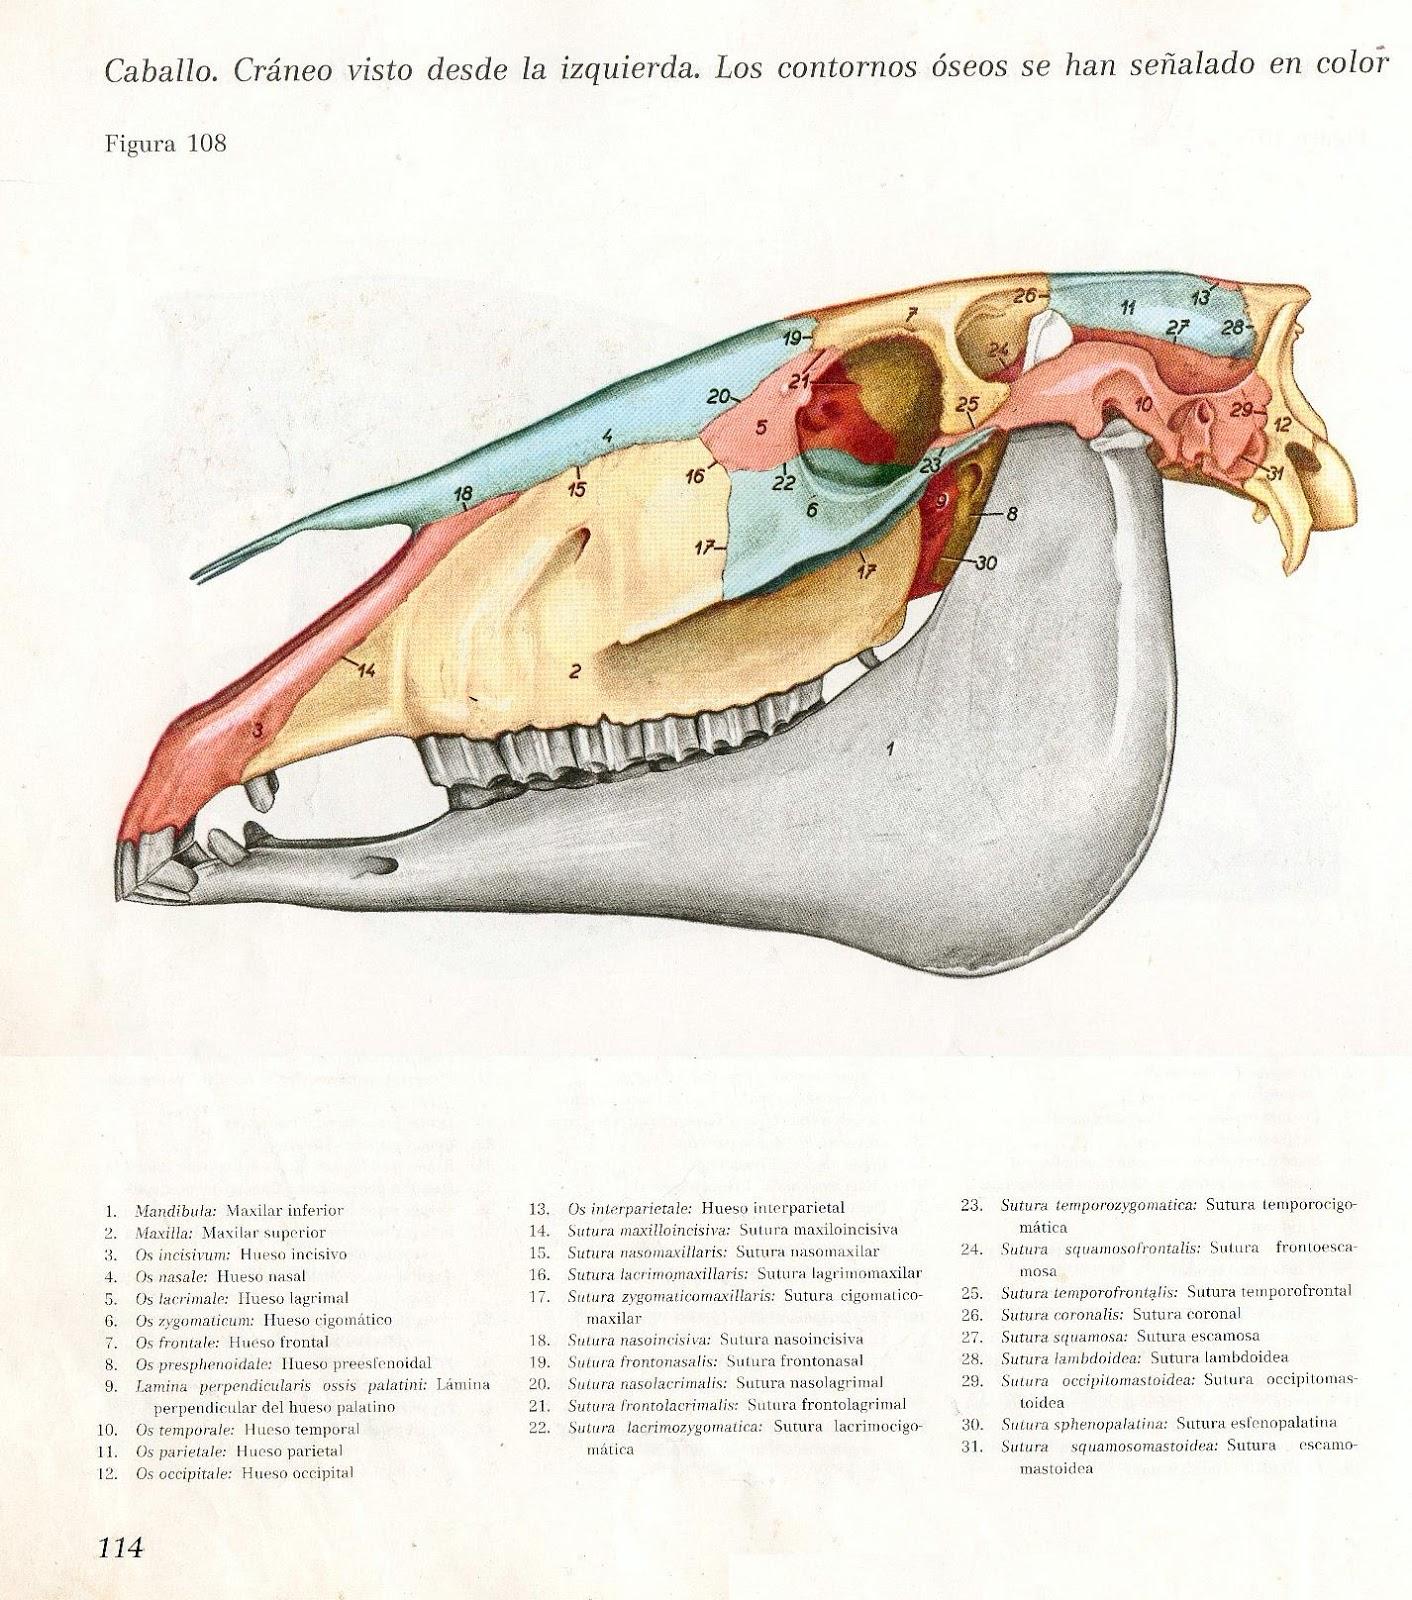 Anatomia Veterinaria: Cráneo de equinos